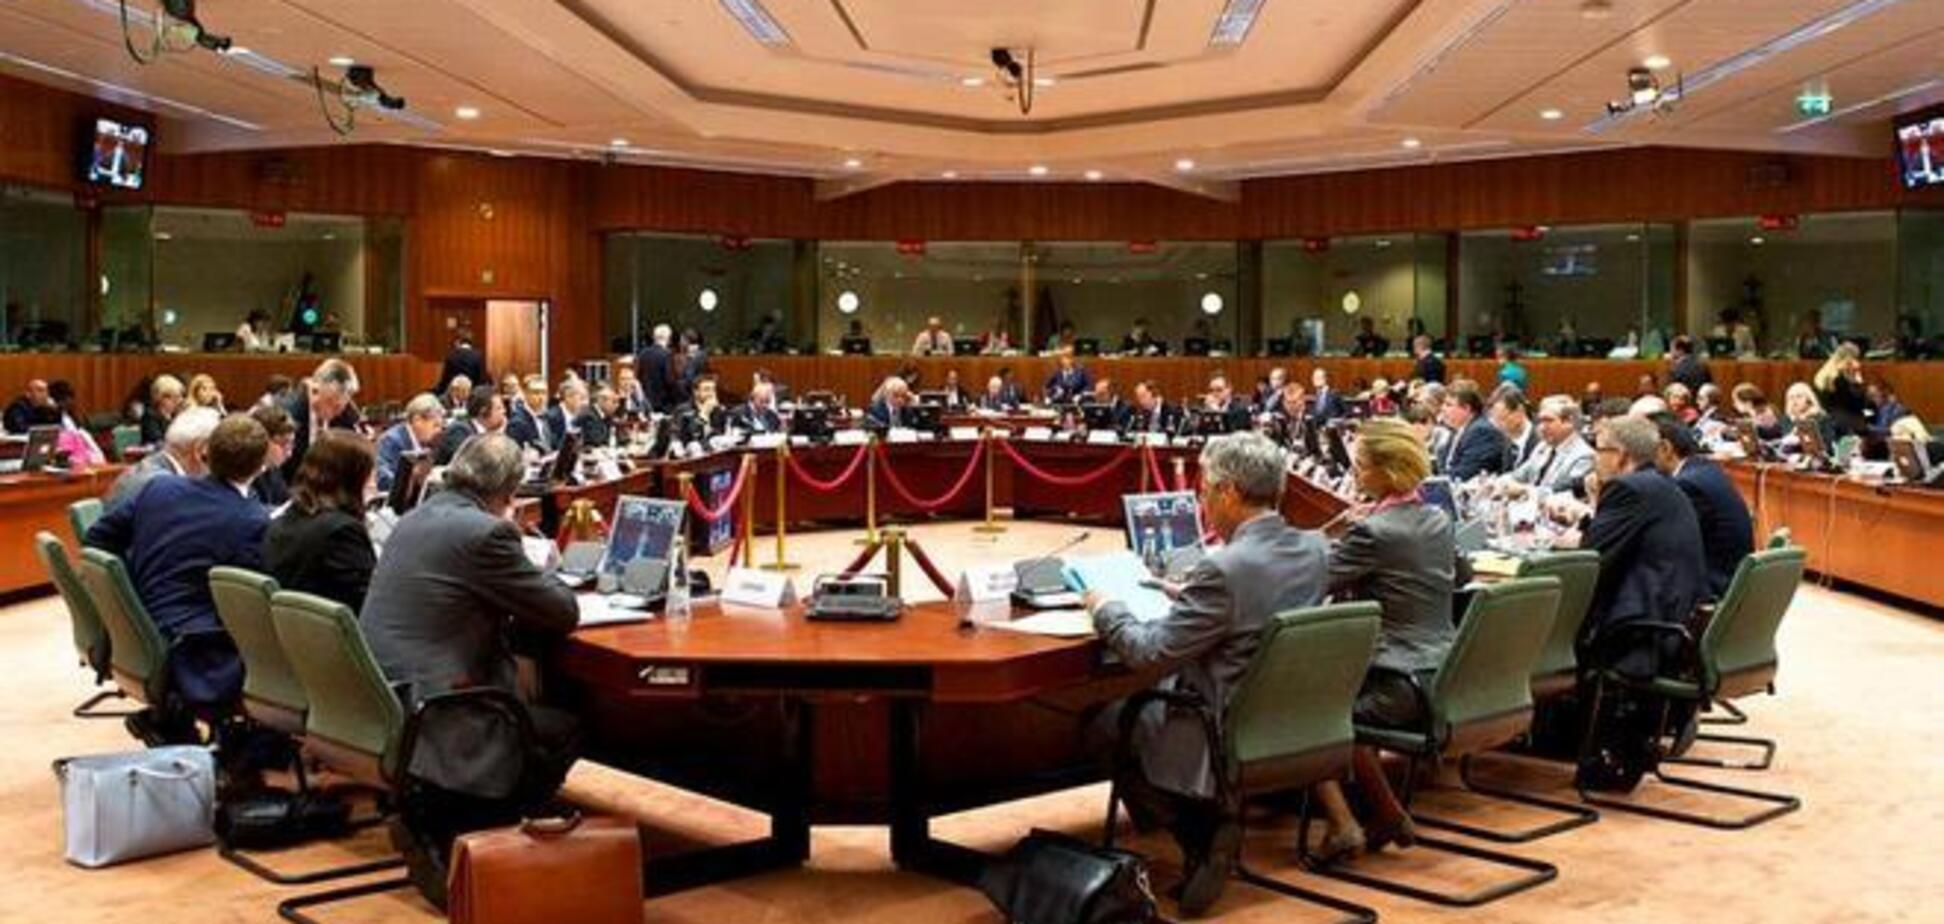 Франция блокирует проведение экстренного заседания Совета ЕС по Украине - СМИ